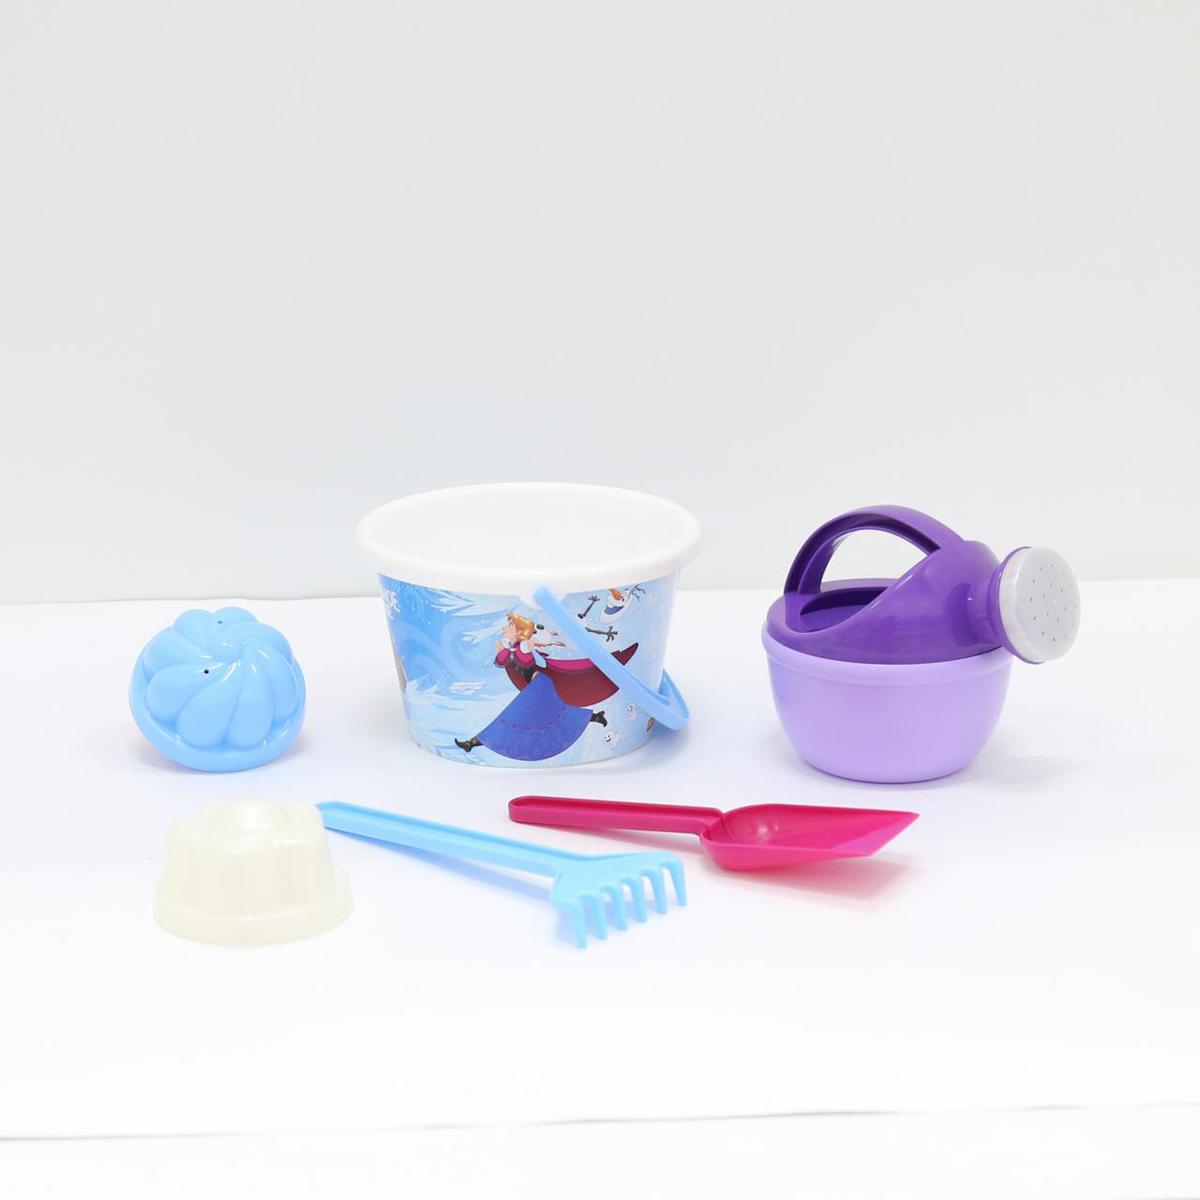 Disney Набор игрушек для песочницы Холодное сердце №8 полесье набор для песочницы 469